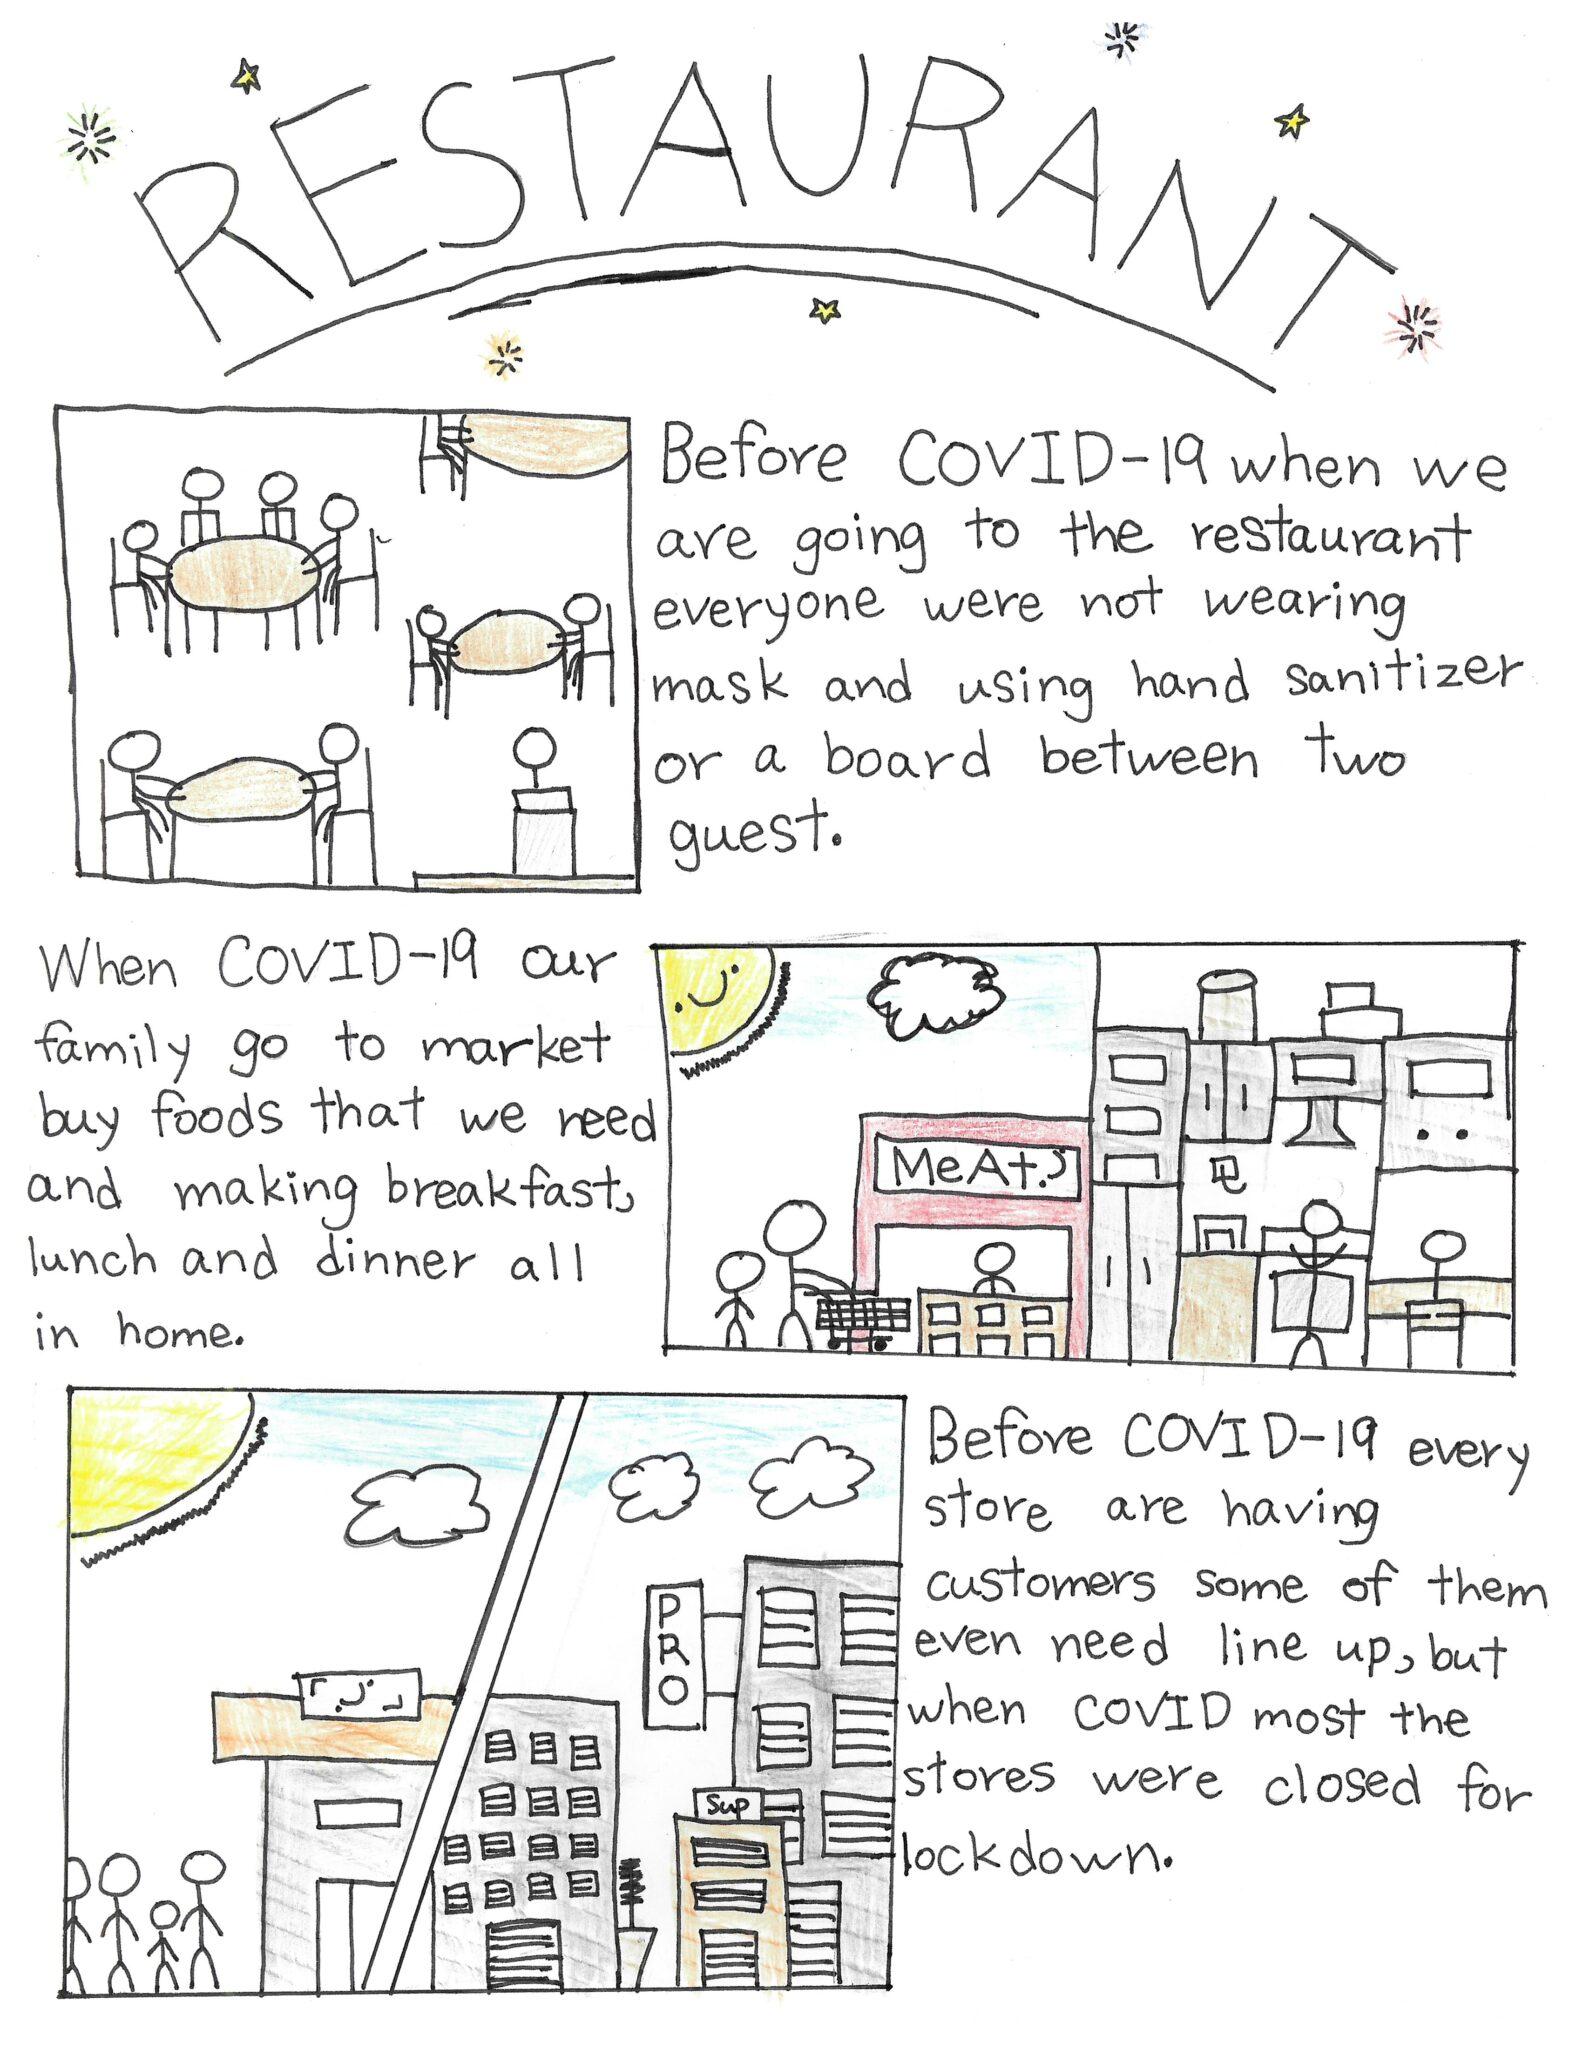 Home cooking & restaurants